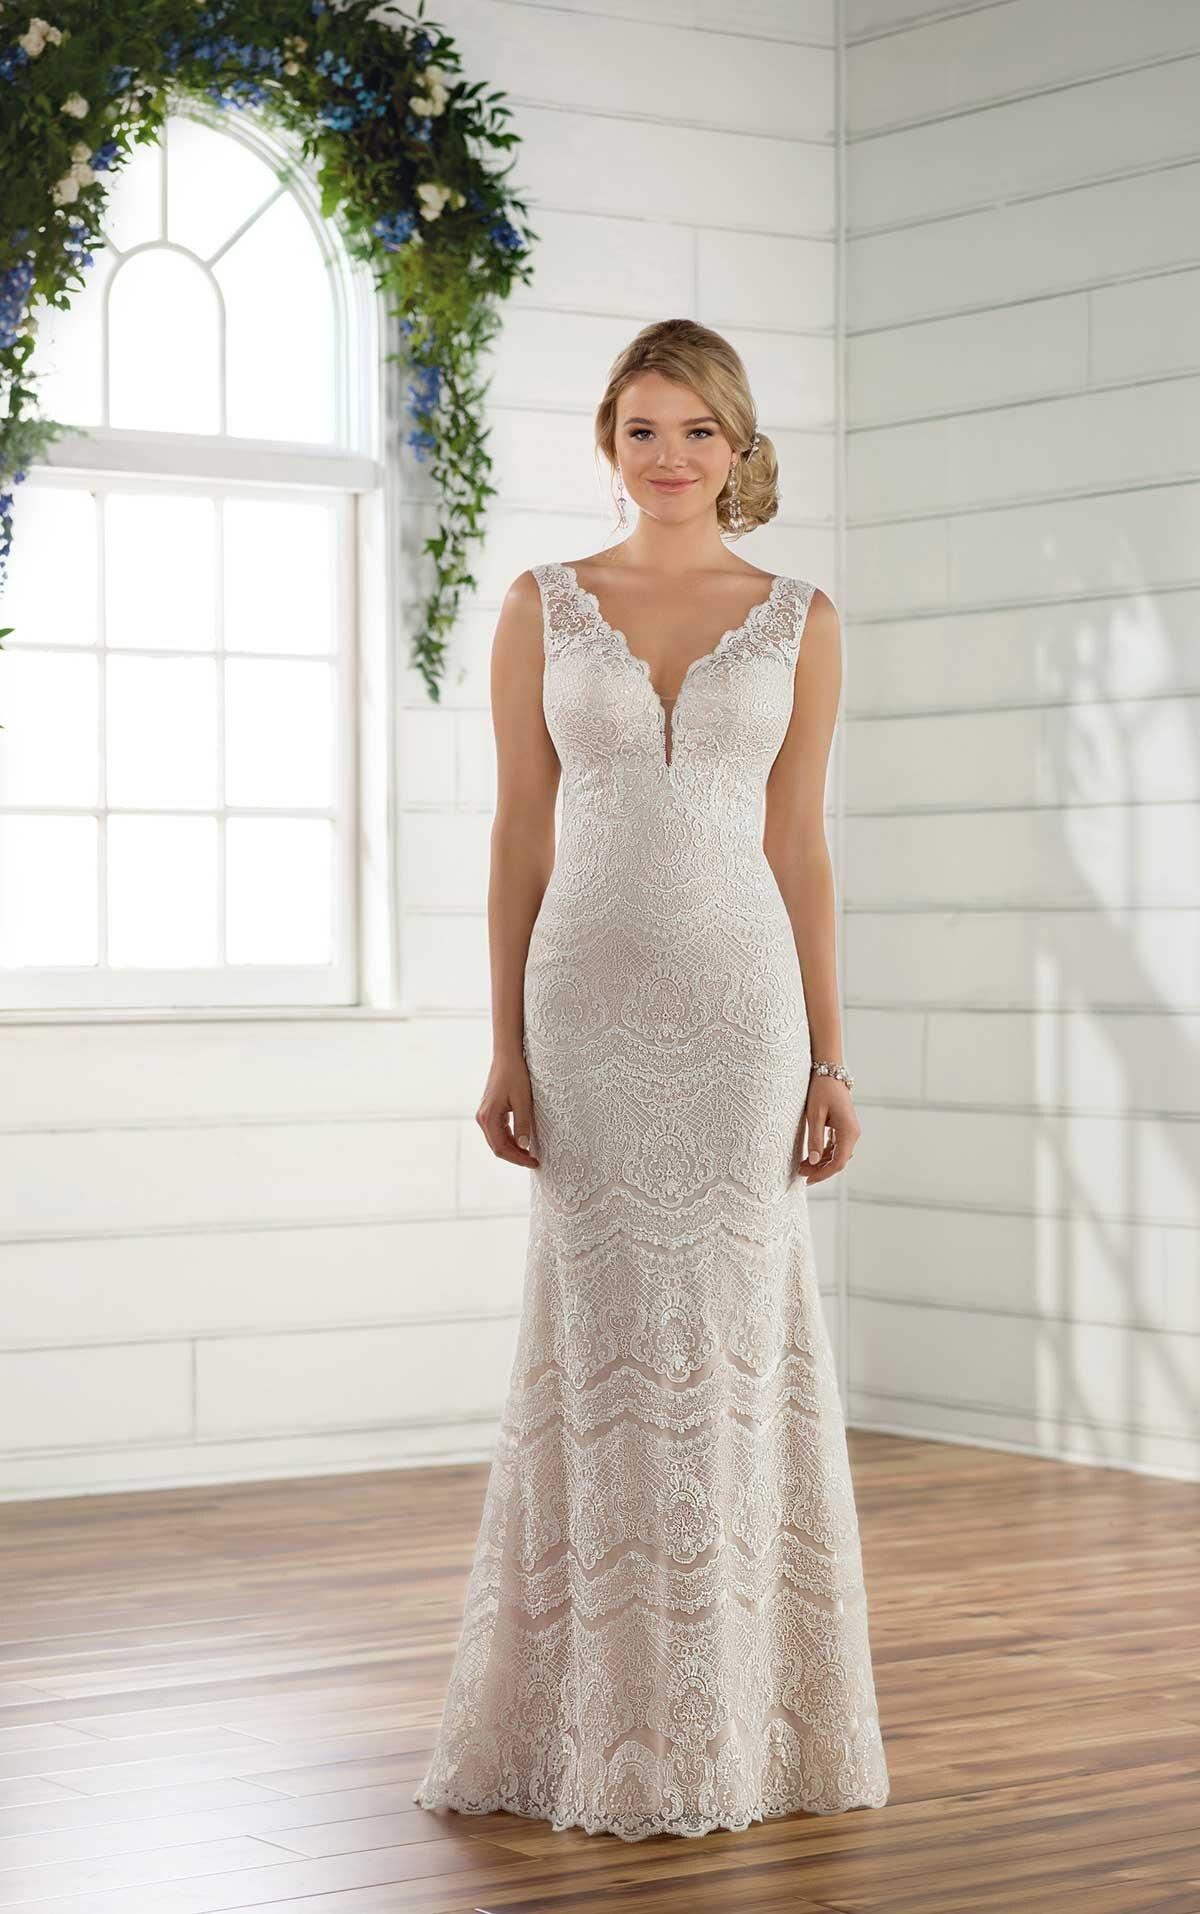 Clearance Wedding Gowns Bon Bon Belle Bridal Boutique